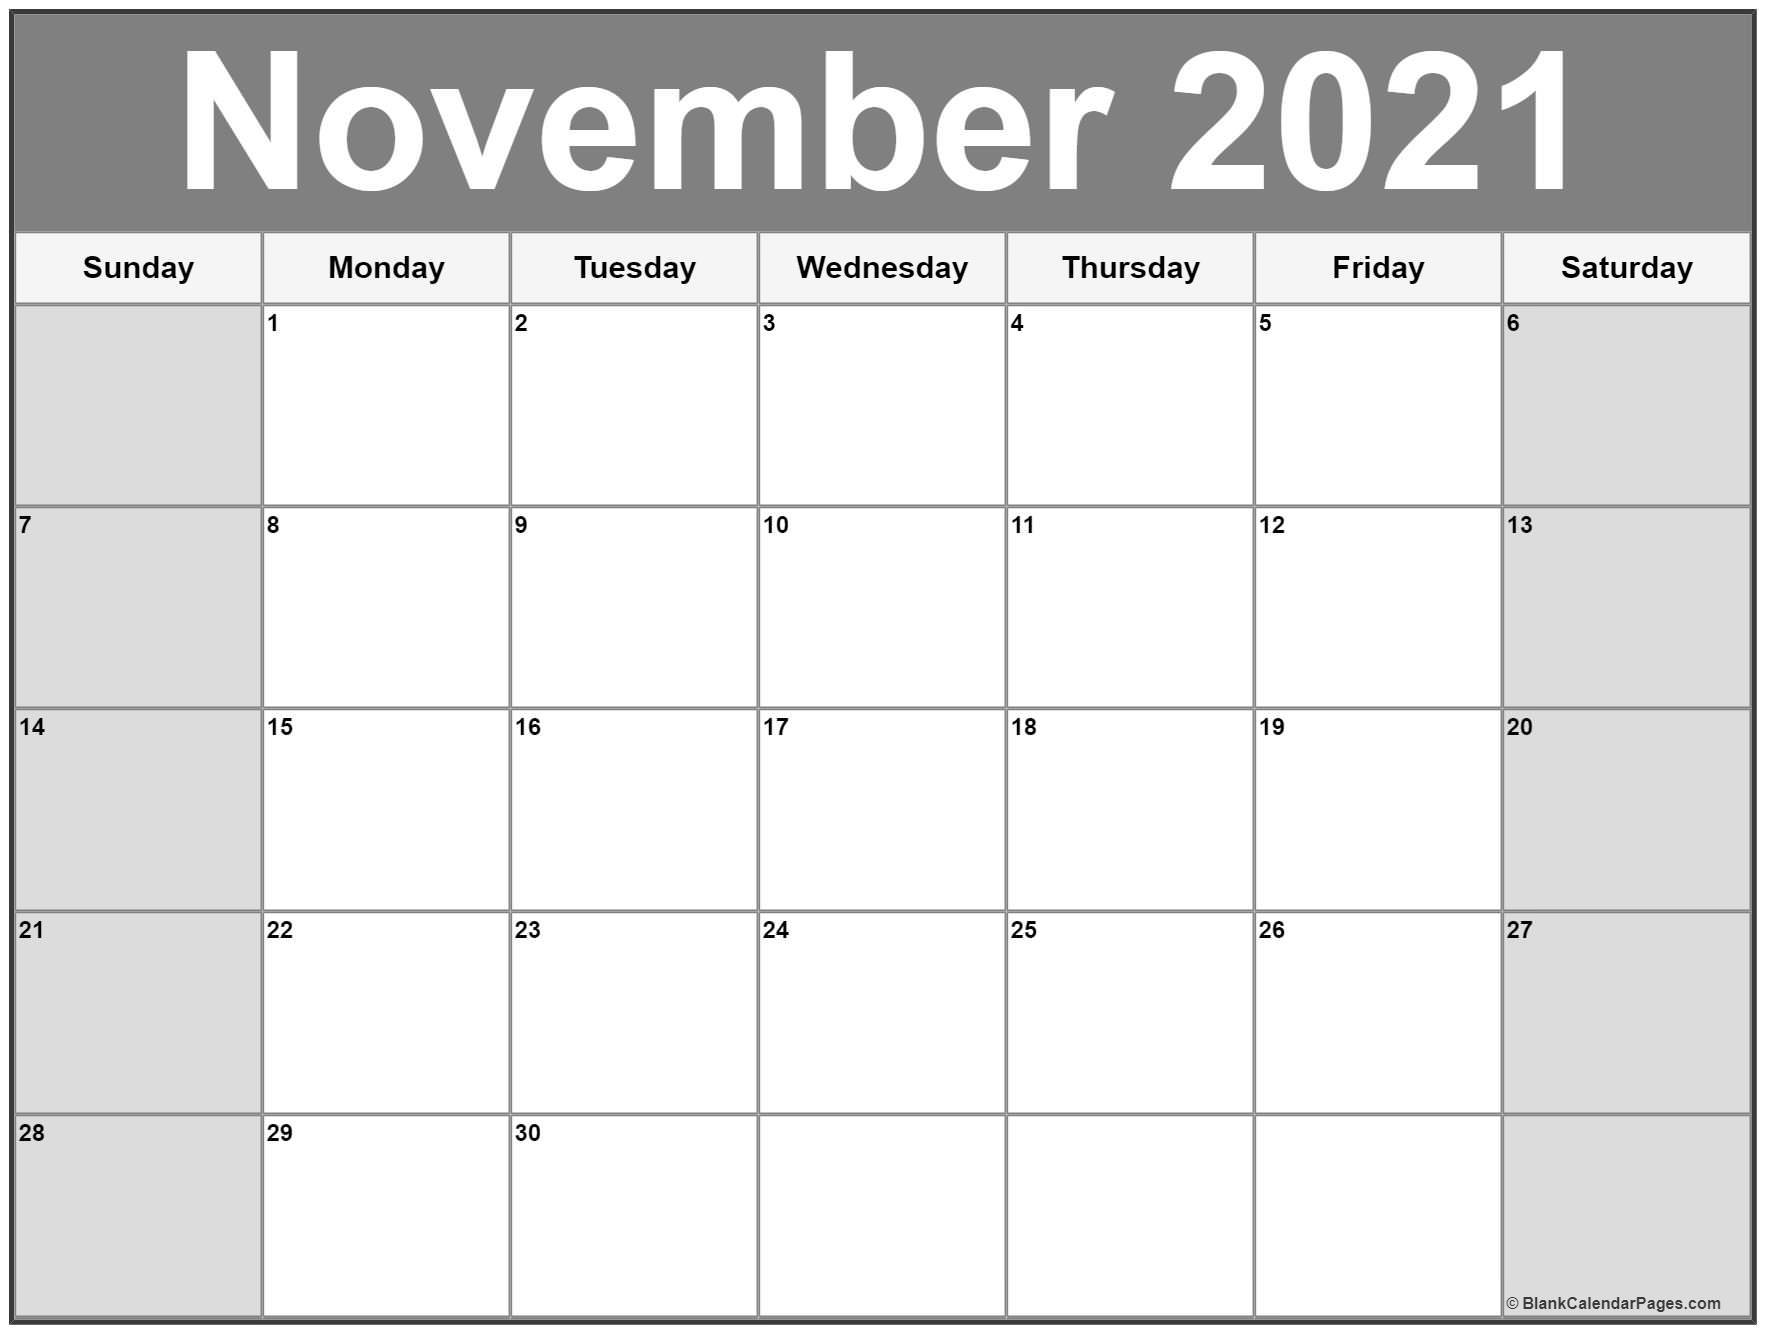 November 2021 Calendar   56+ Templates Of 2021 Printable